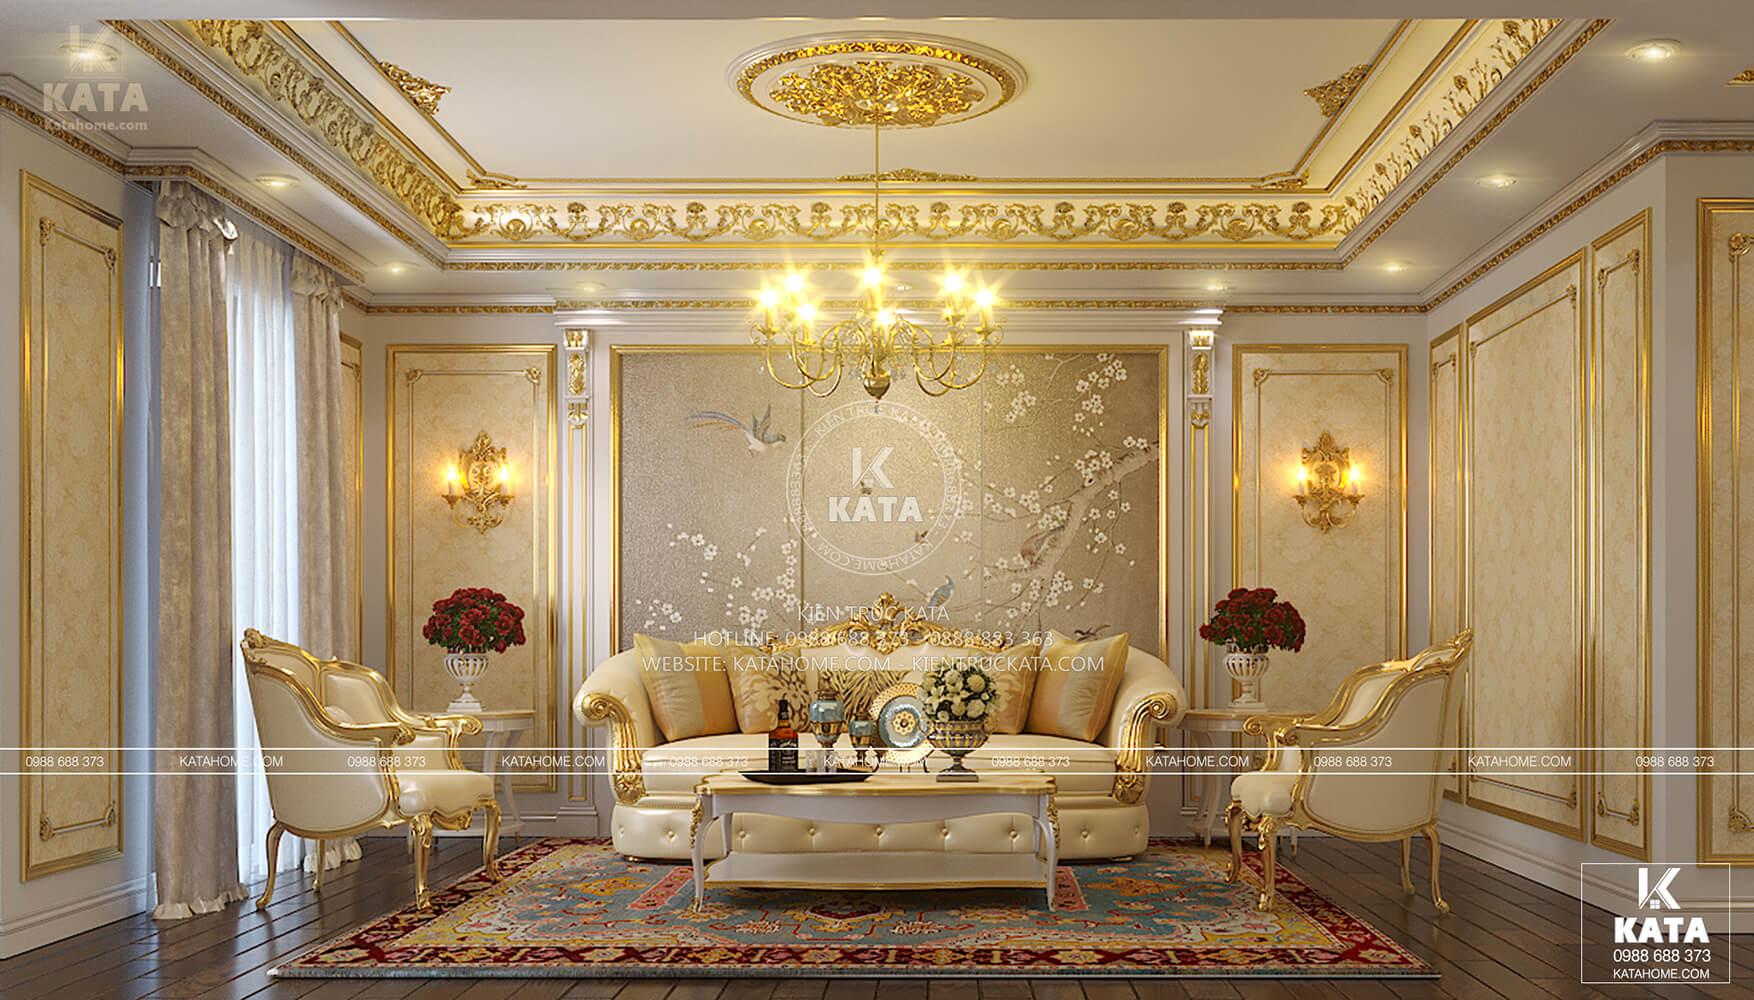 Thiết kế nội thất tân cổ điển cho phòng khách sang trọng và đẳng cấp